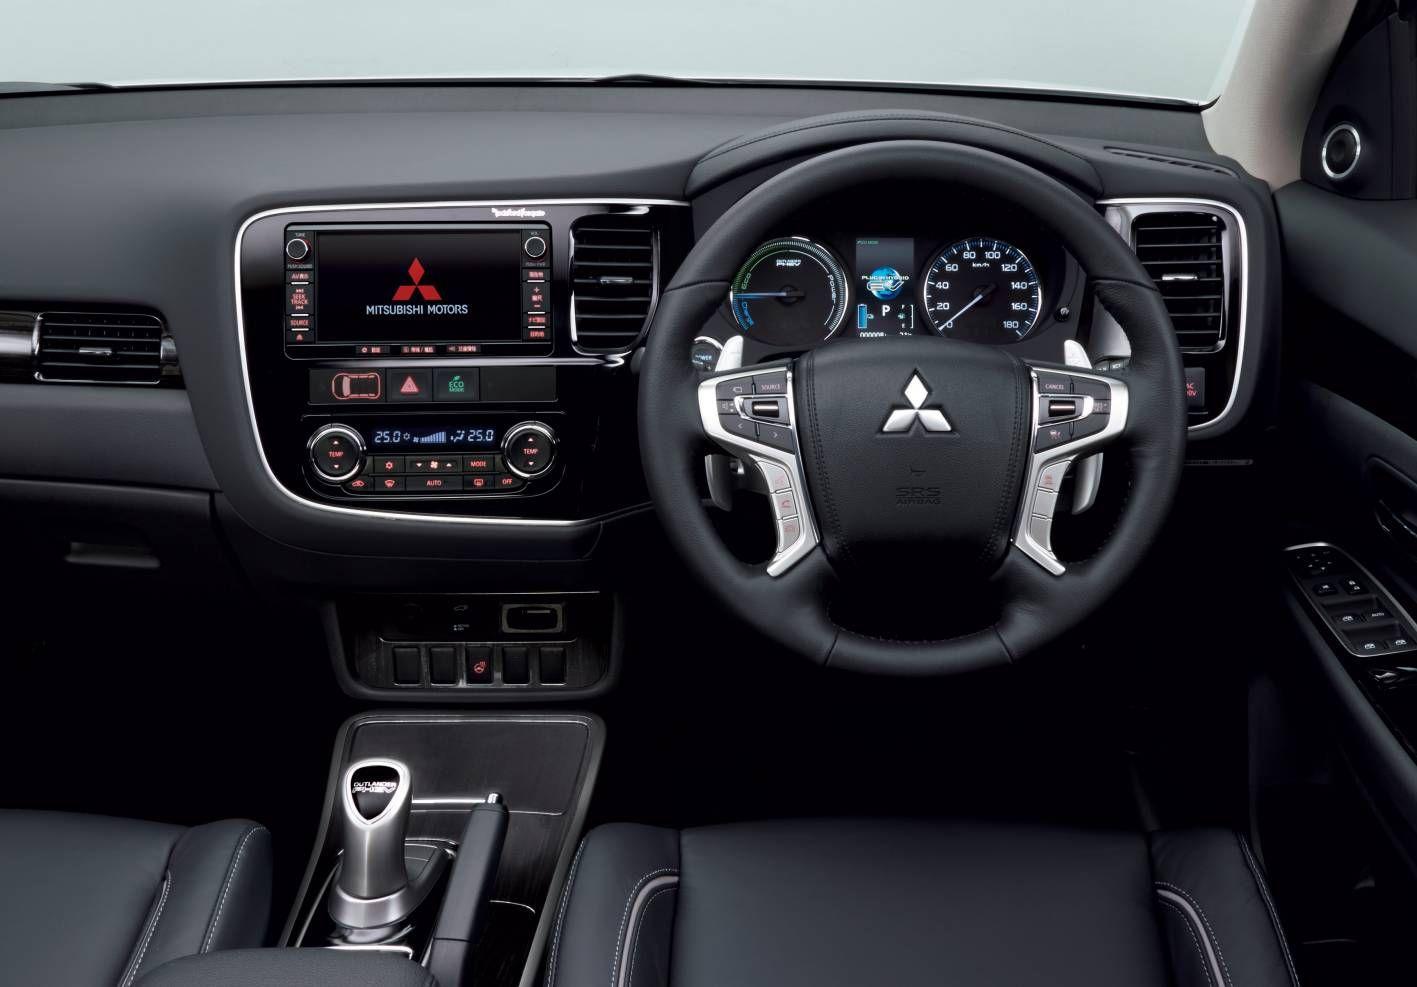 2016 Mitsubishi Outlander PHEV Review Penrith Mitsubishi